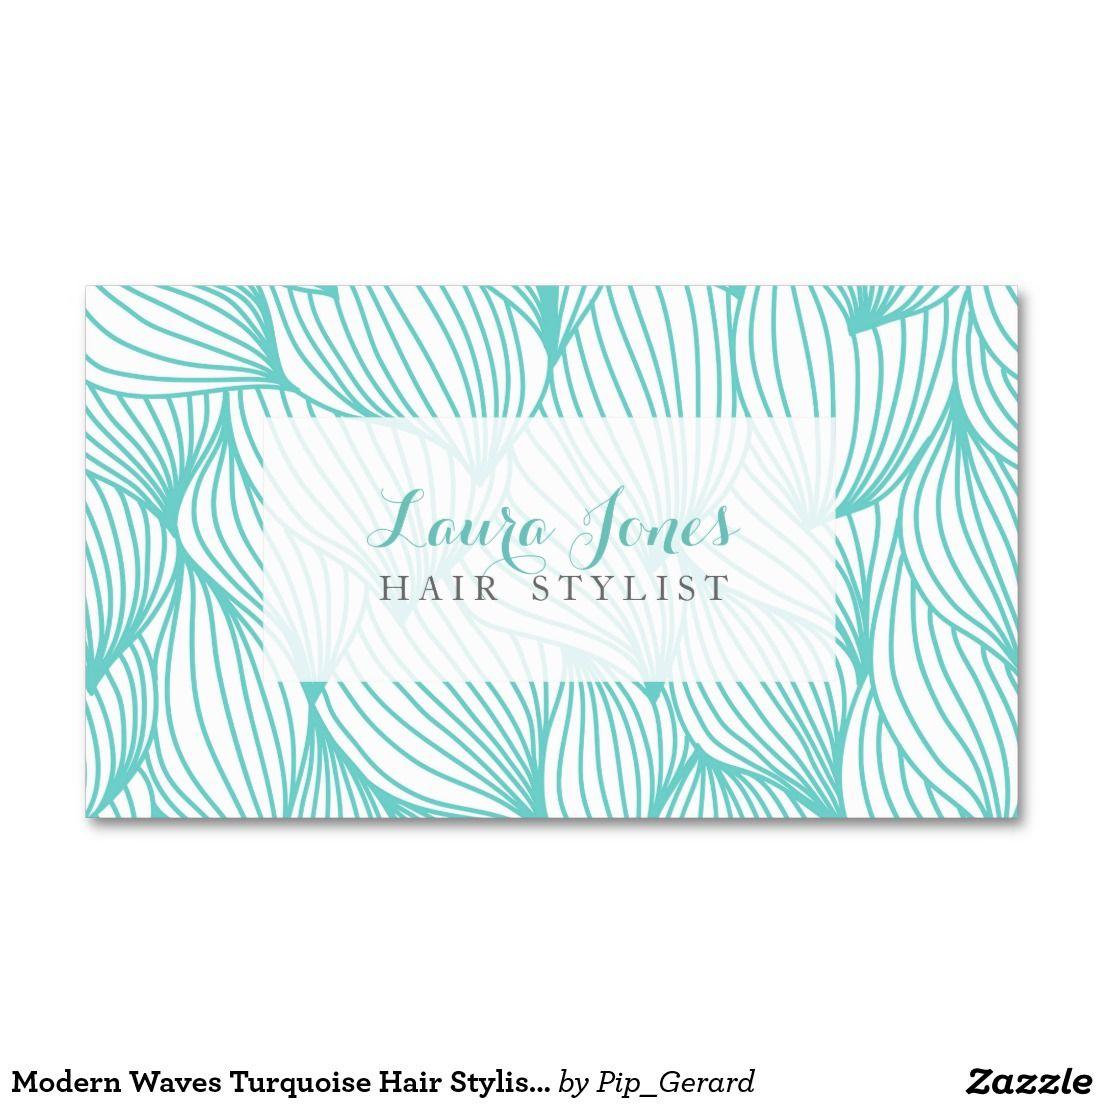 Modele Moderne De Coiffeur Turquoise Vagues Carte Visite Standard Friseur Logo Visitenkarten